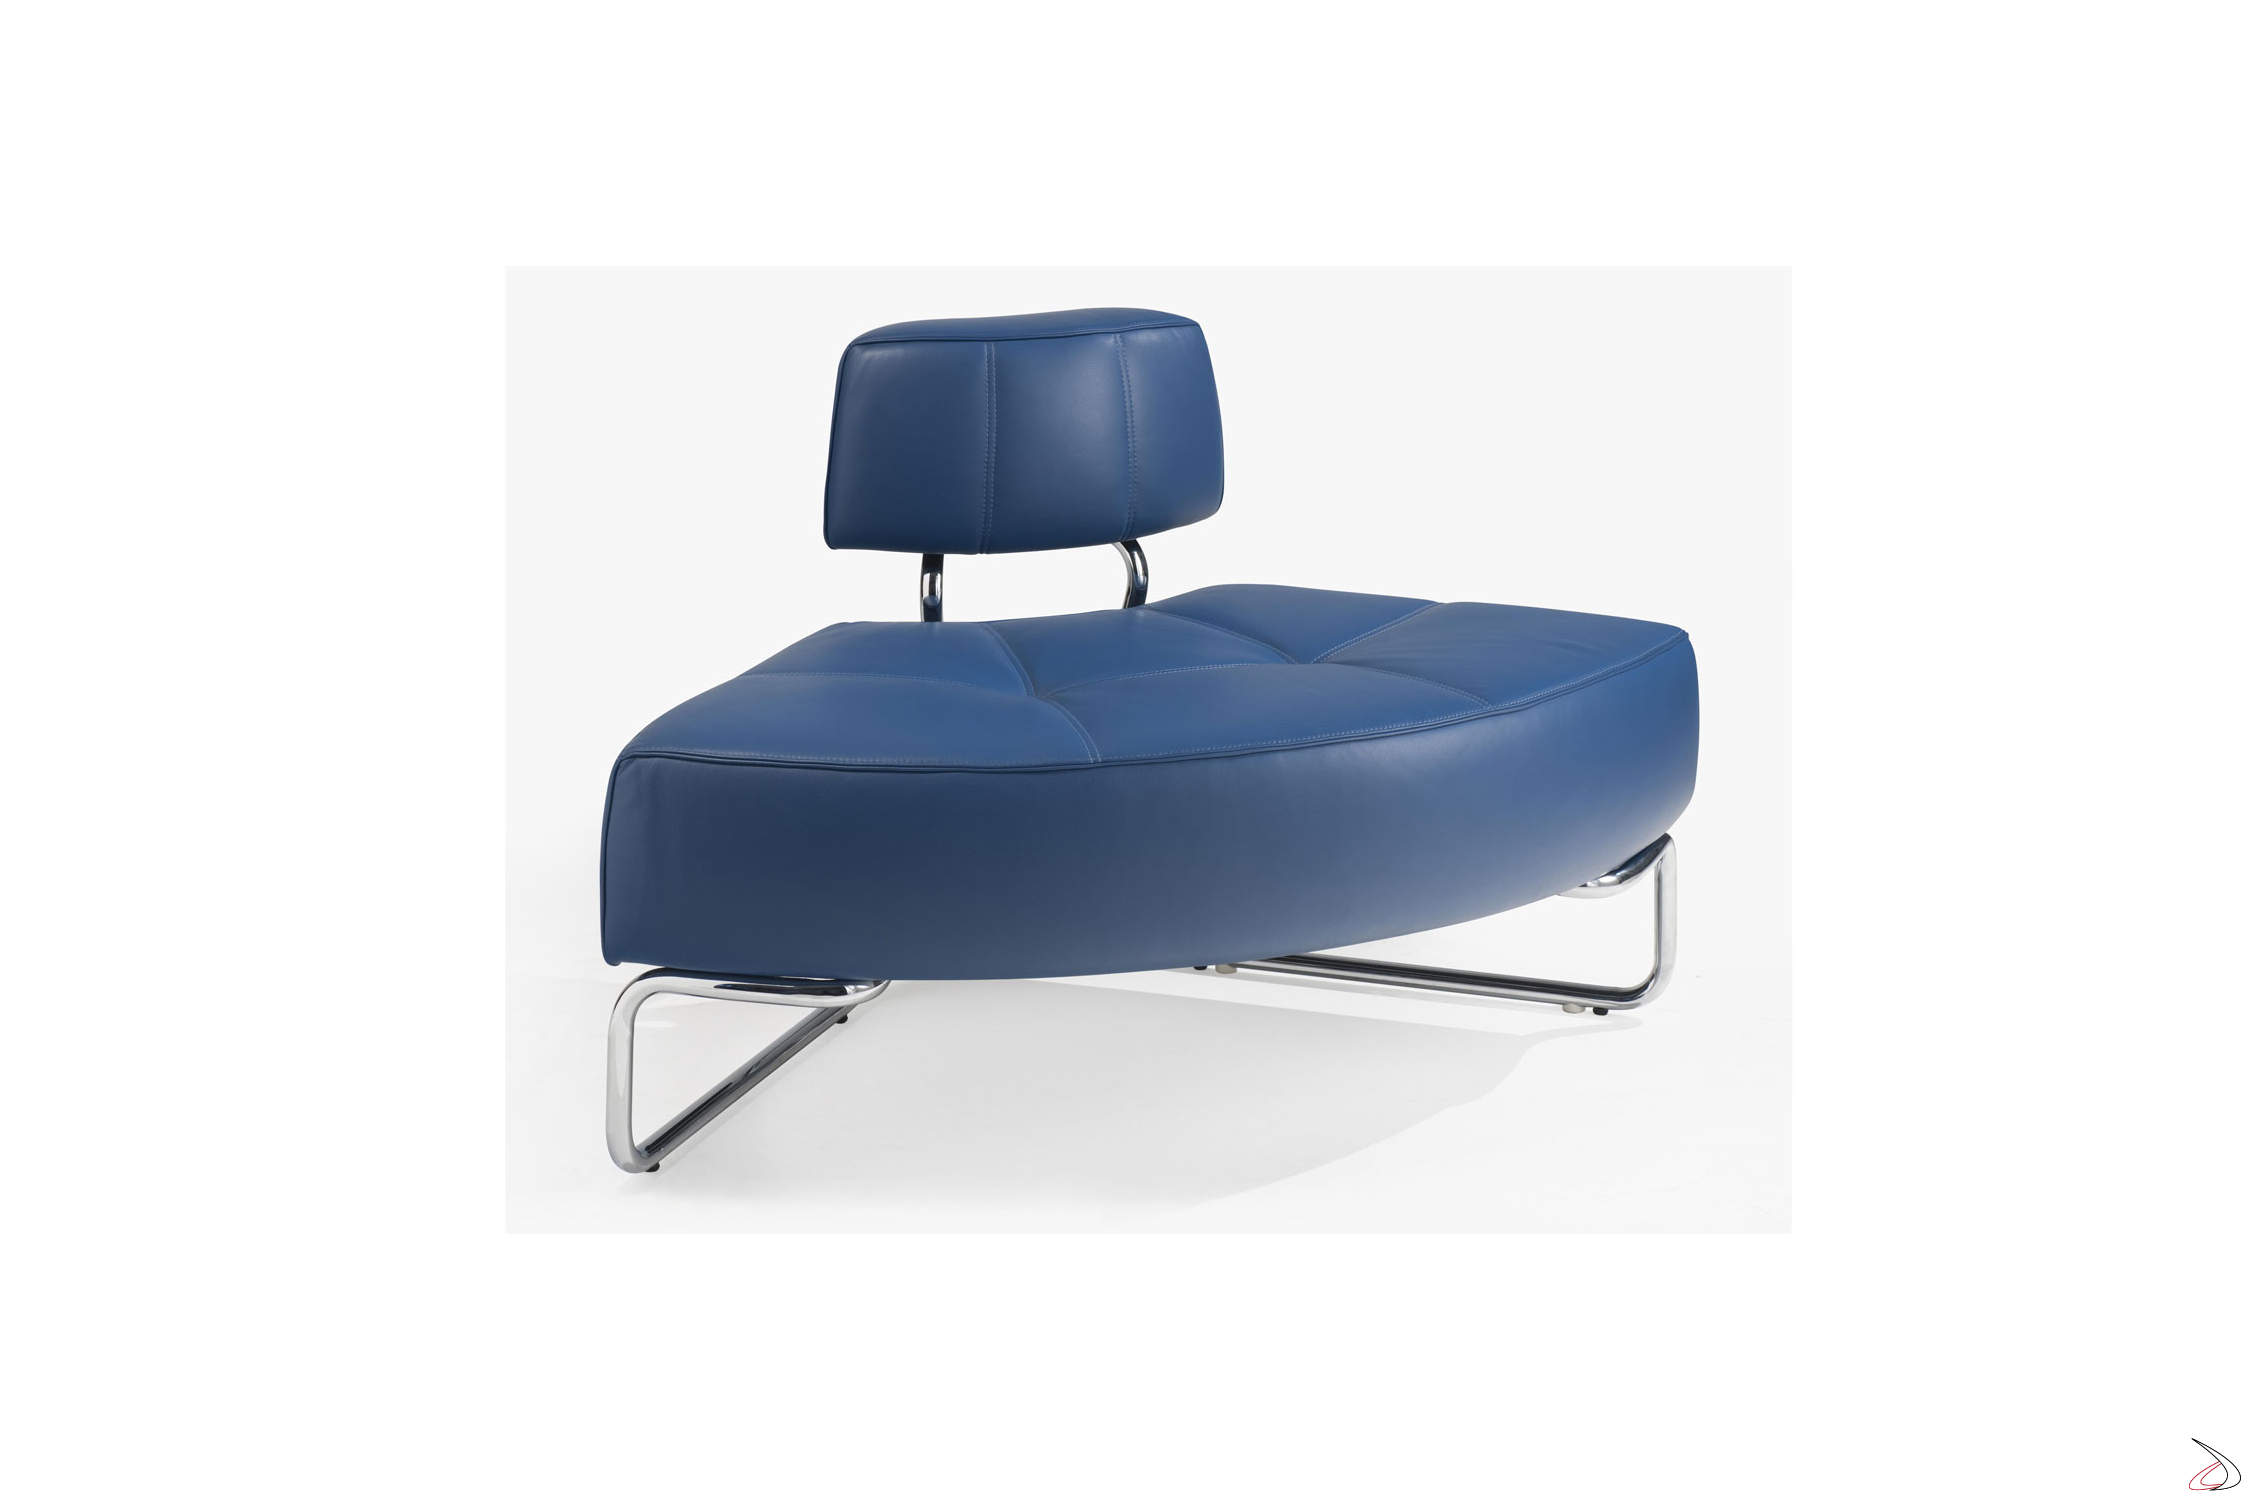 Divanetto.Papete Small Sofa